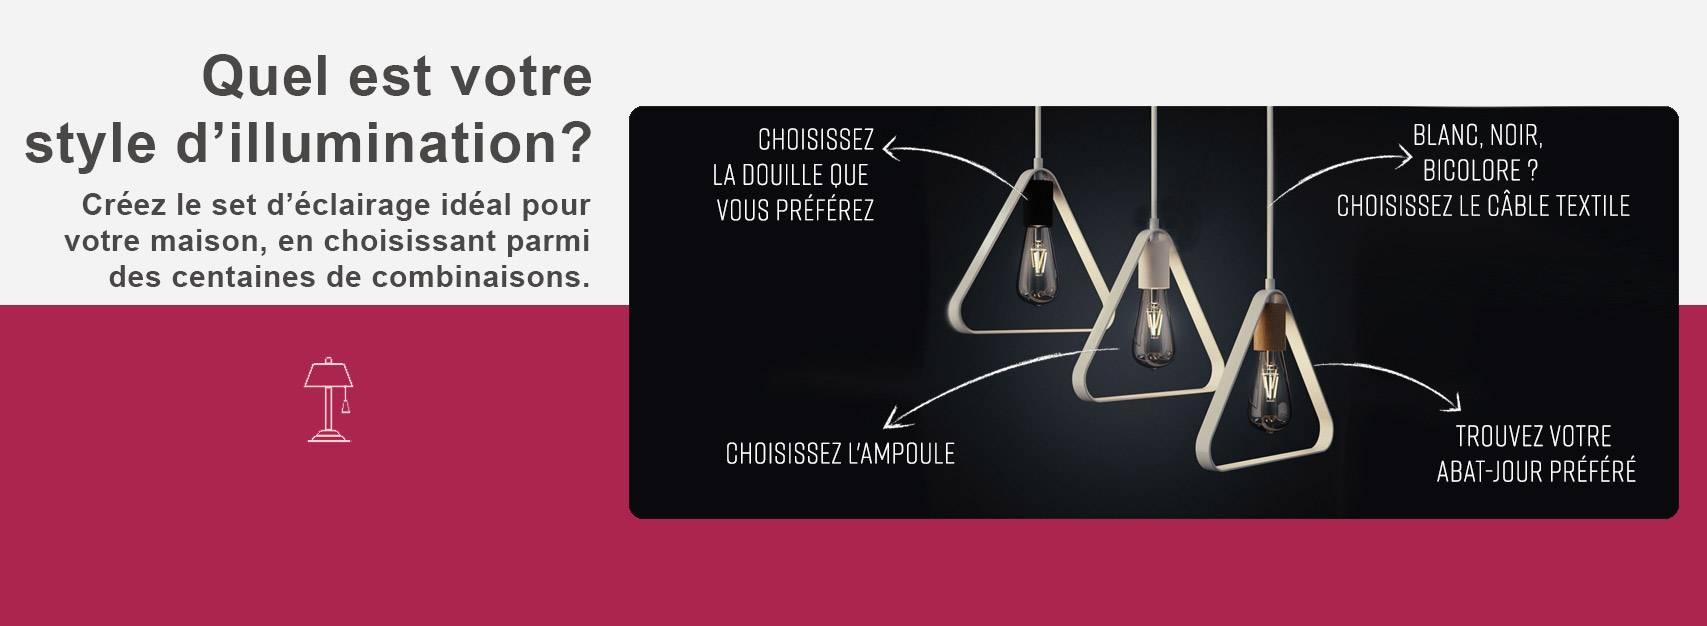 Créez le set d'éclairage idéal